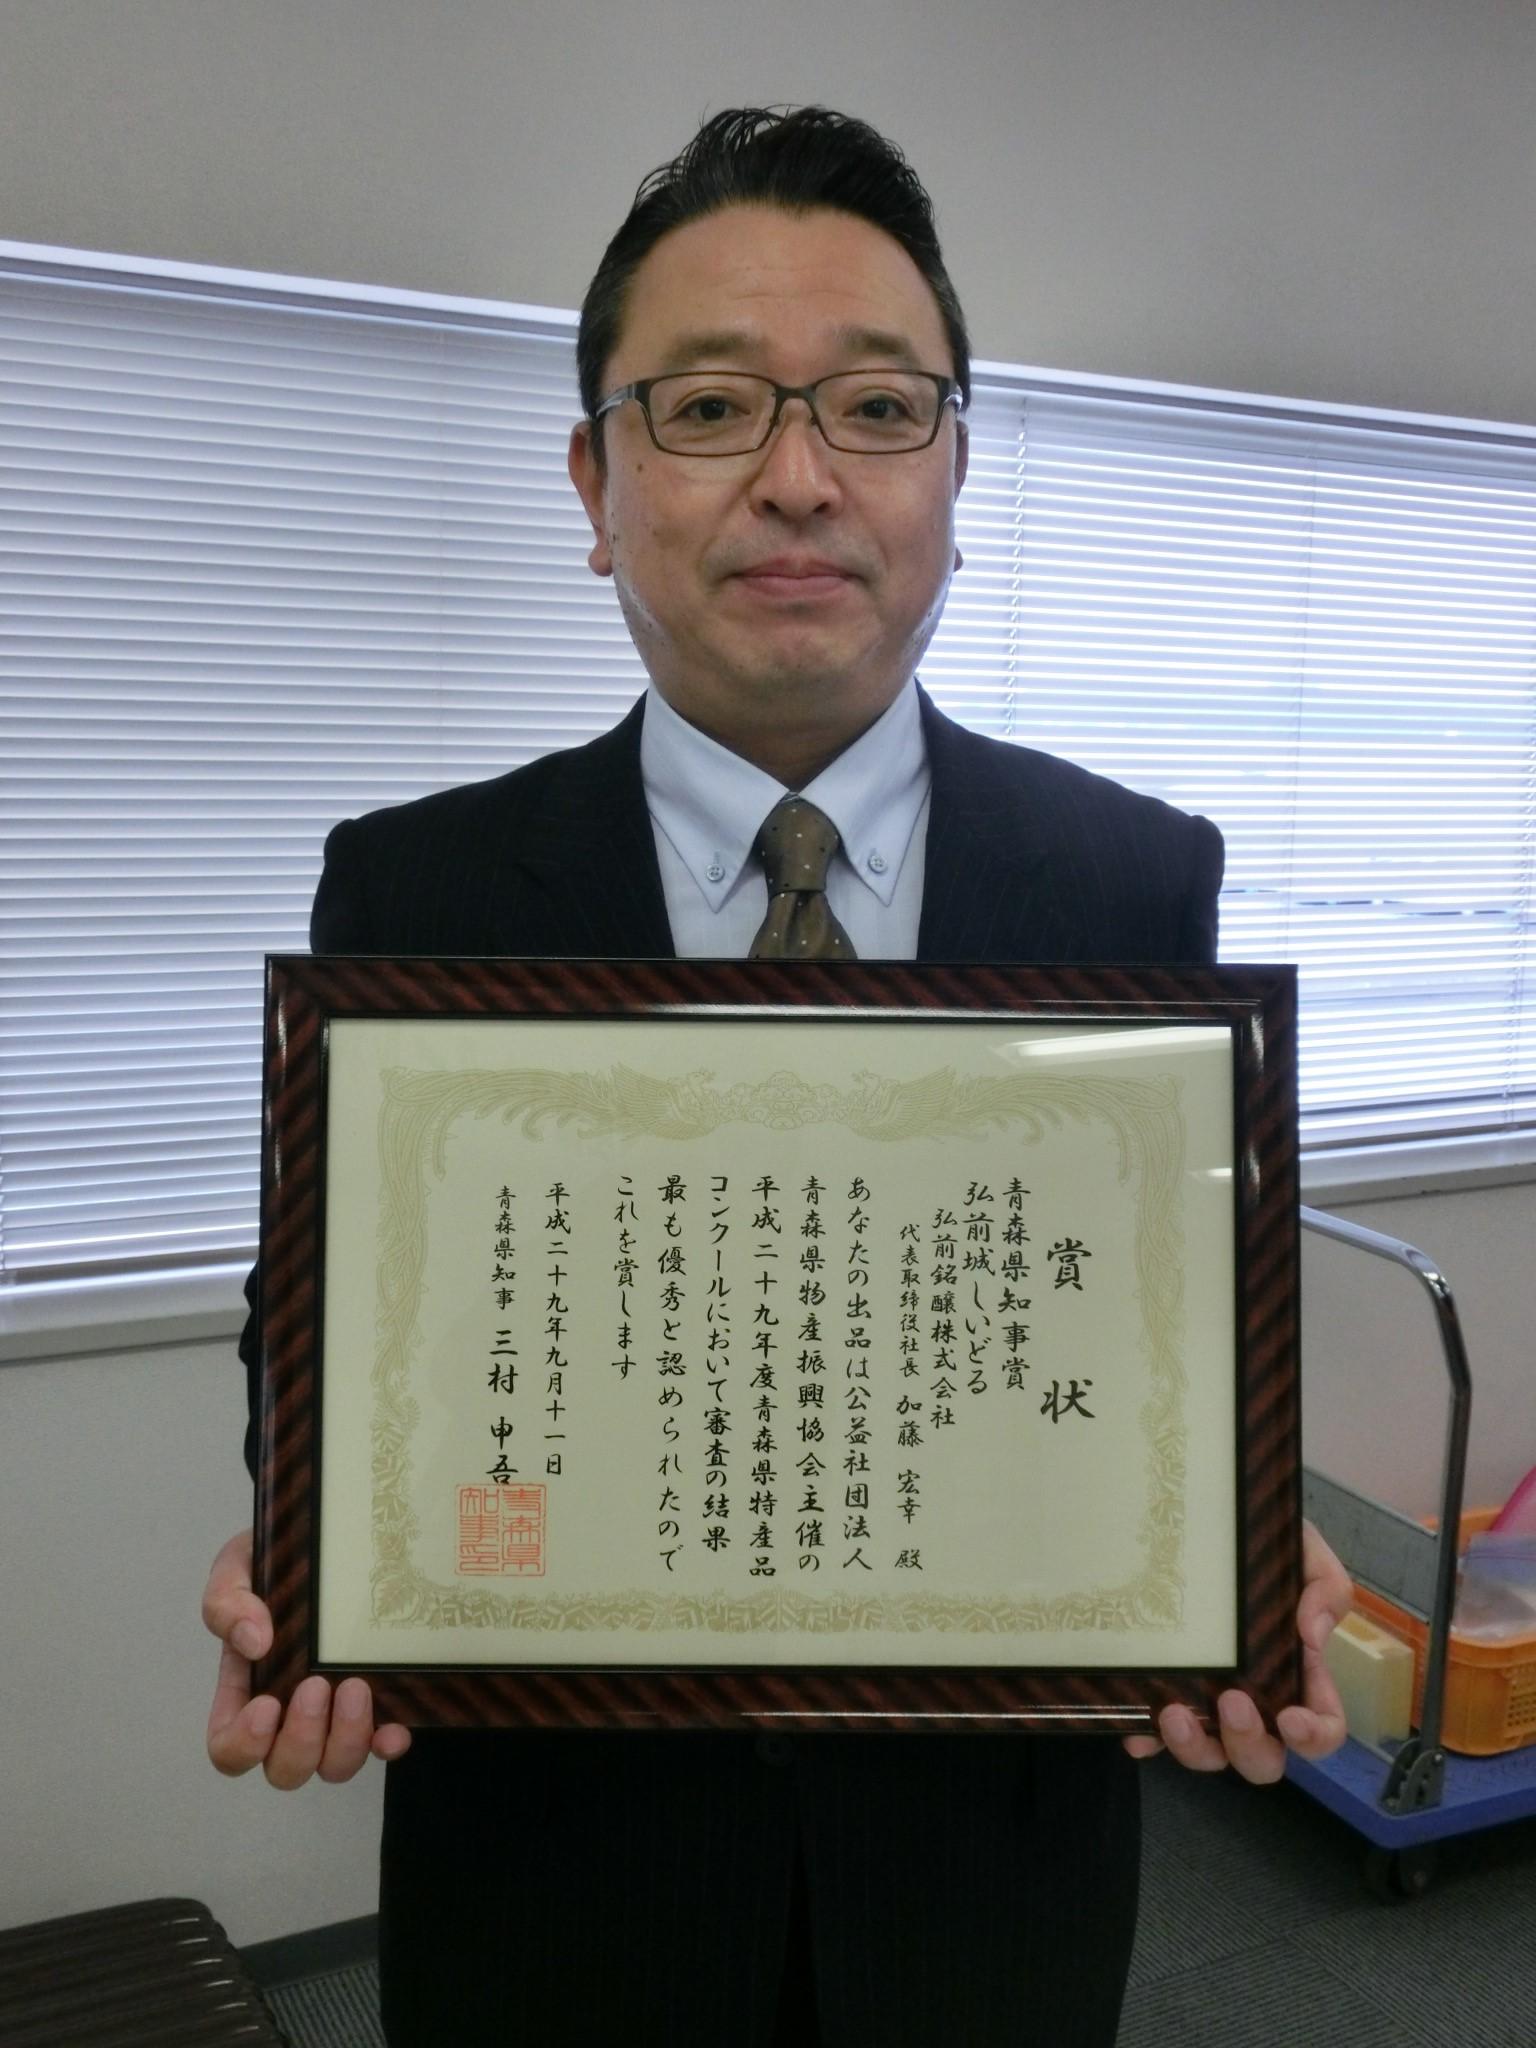 弘前城しいどる 青森県知事賞を受賞